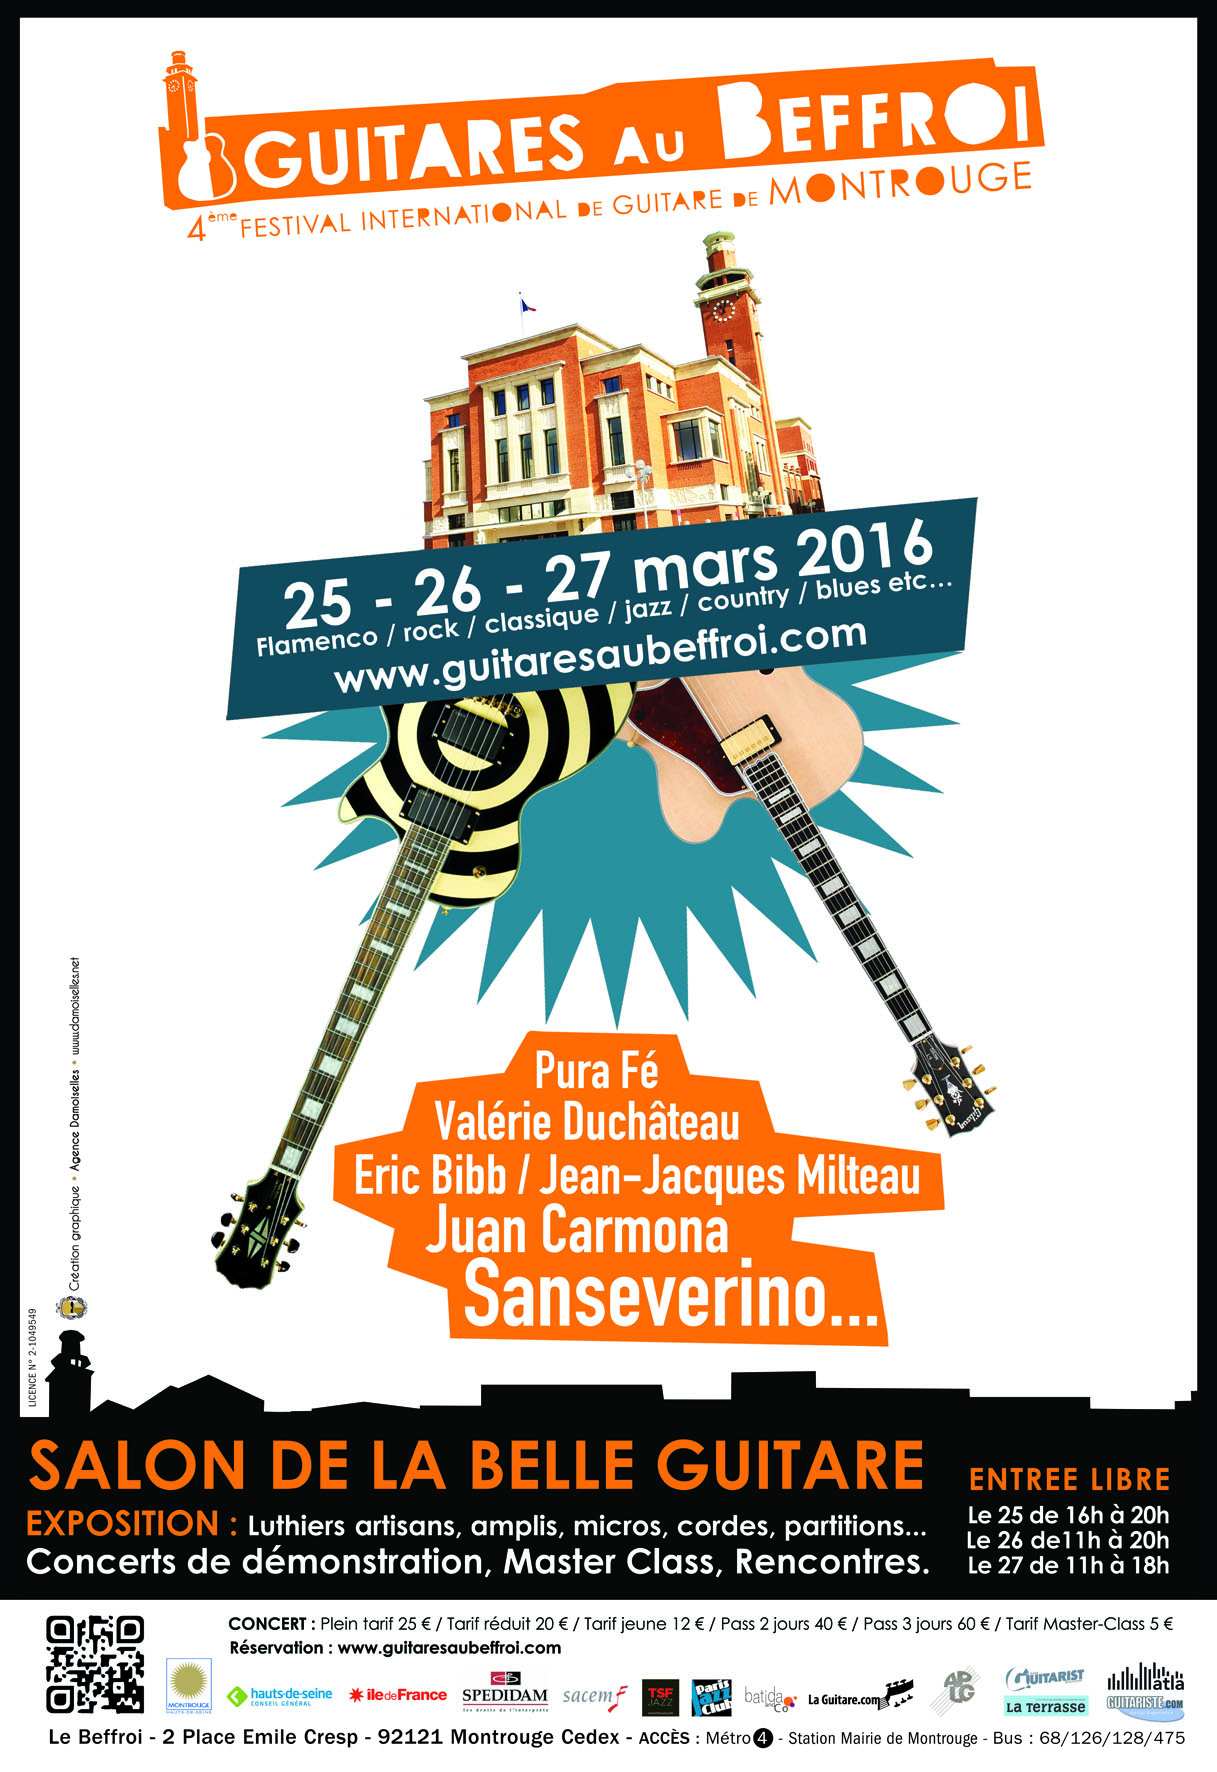 Affiche Guitares au Beffroi 2016